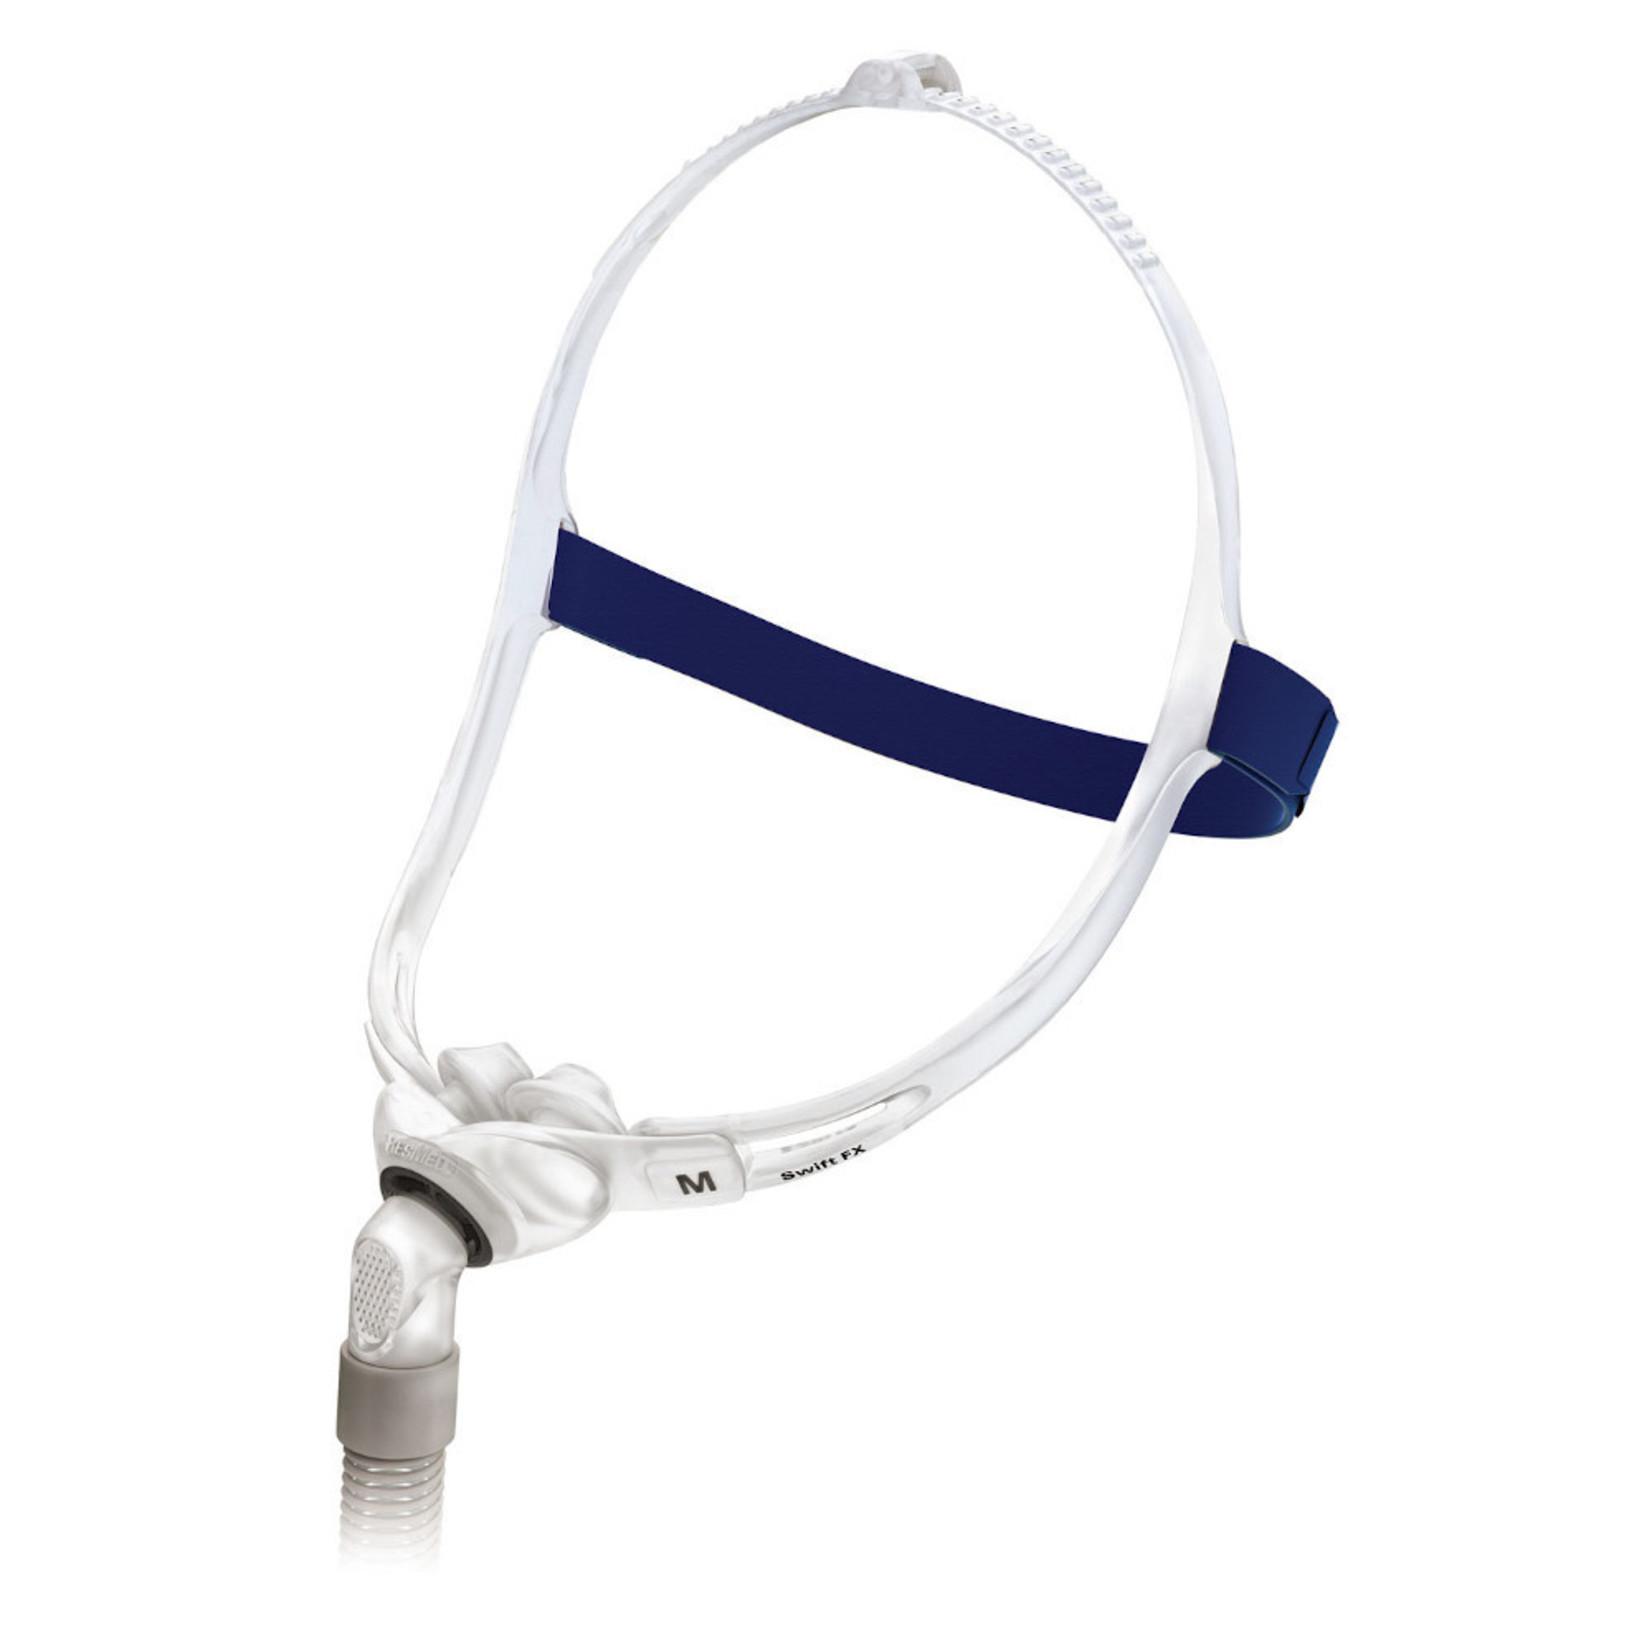 Swift FX Nasal Pillow CPAP Mask w/Headgear